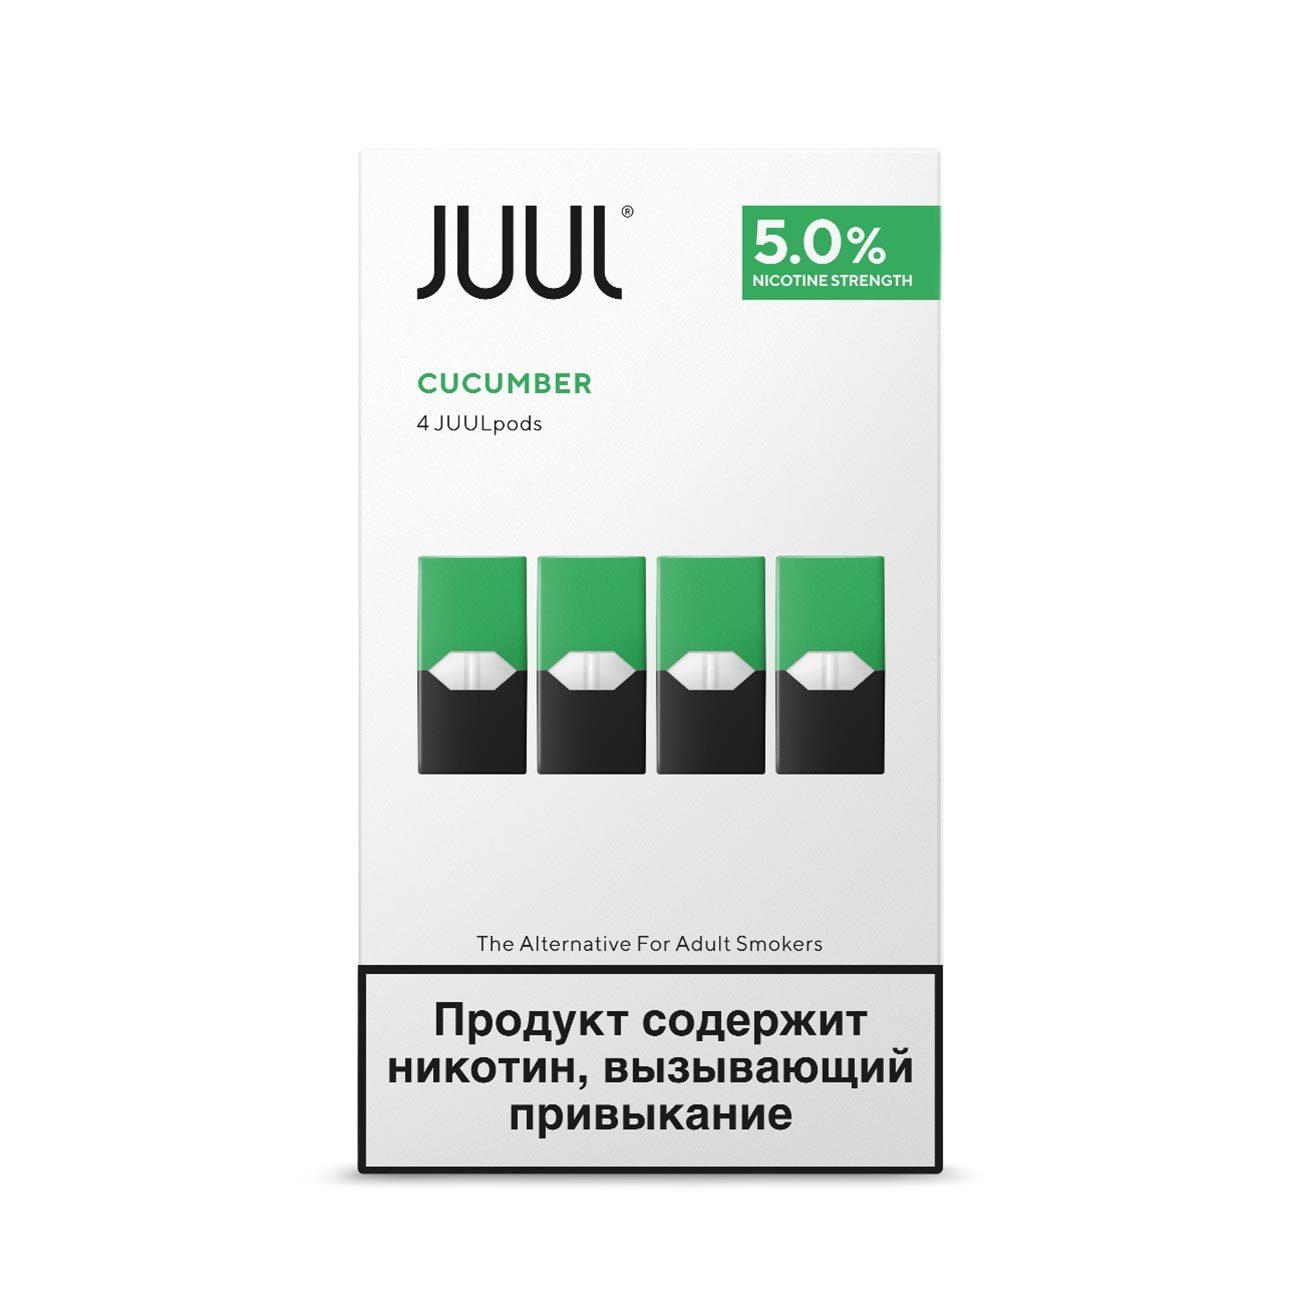 Сменный Картридж для JUUL. ДЖУЛ Огурец х4, 0,7 мл 50 мг